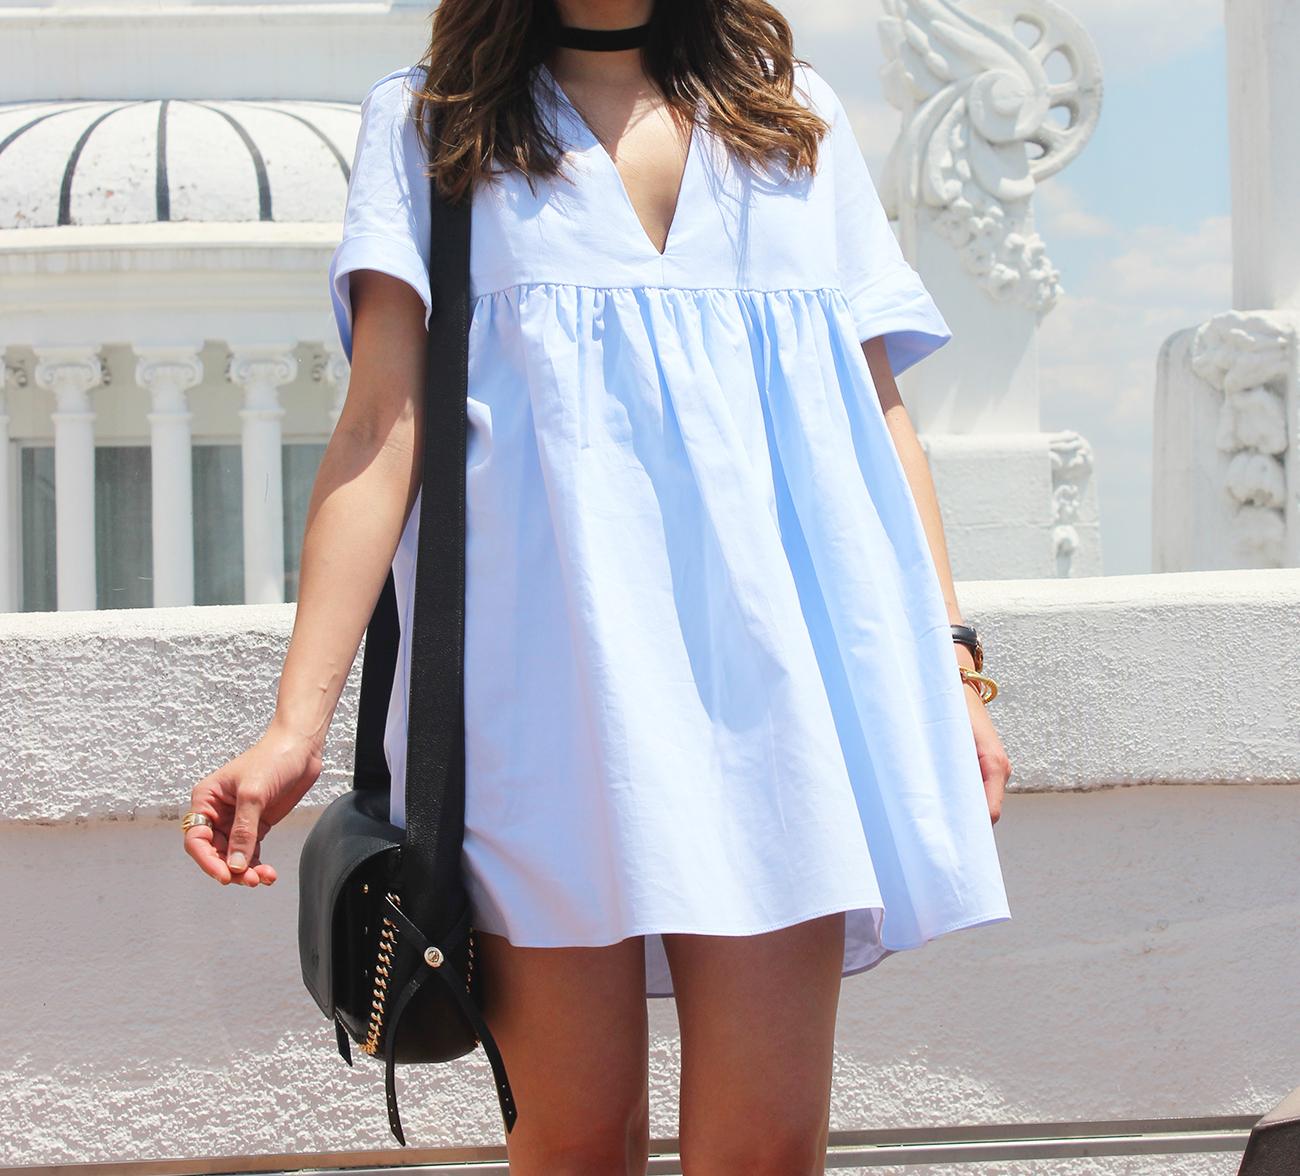 Light Blue Jumpsuit black sandals coach bag aristocrazy accesorries summer outfit05